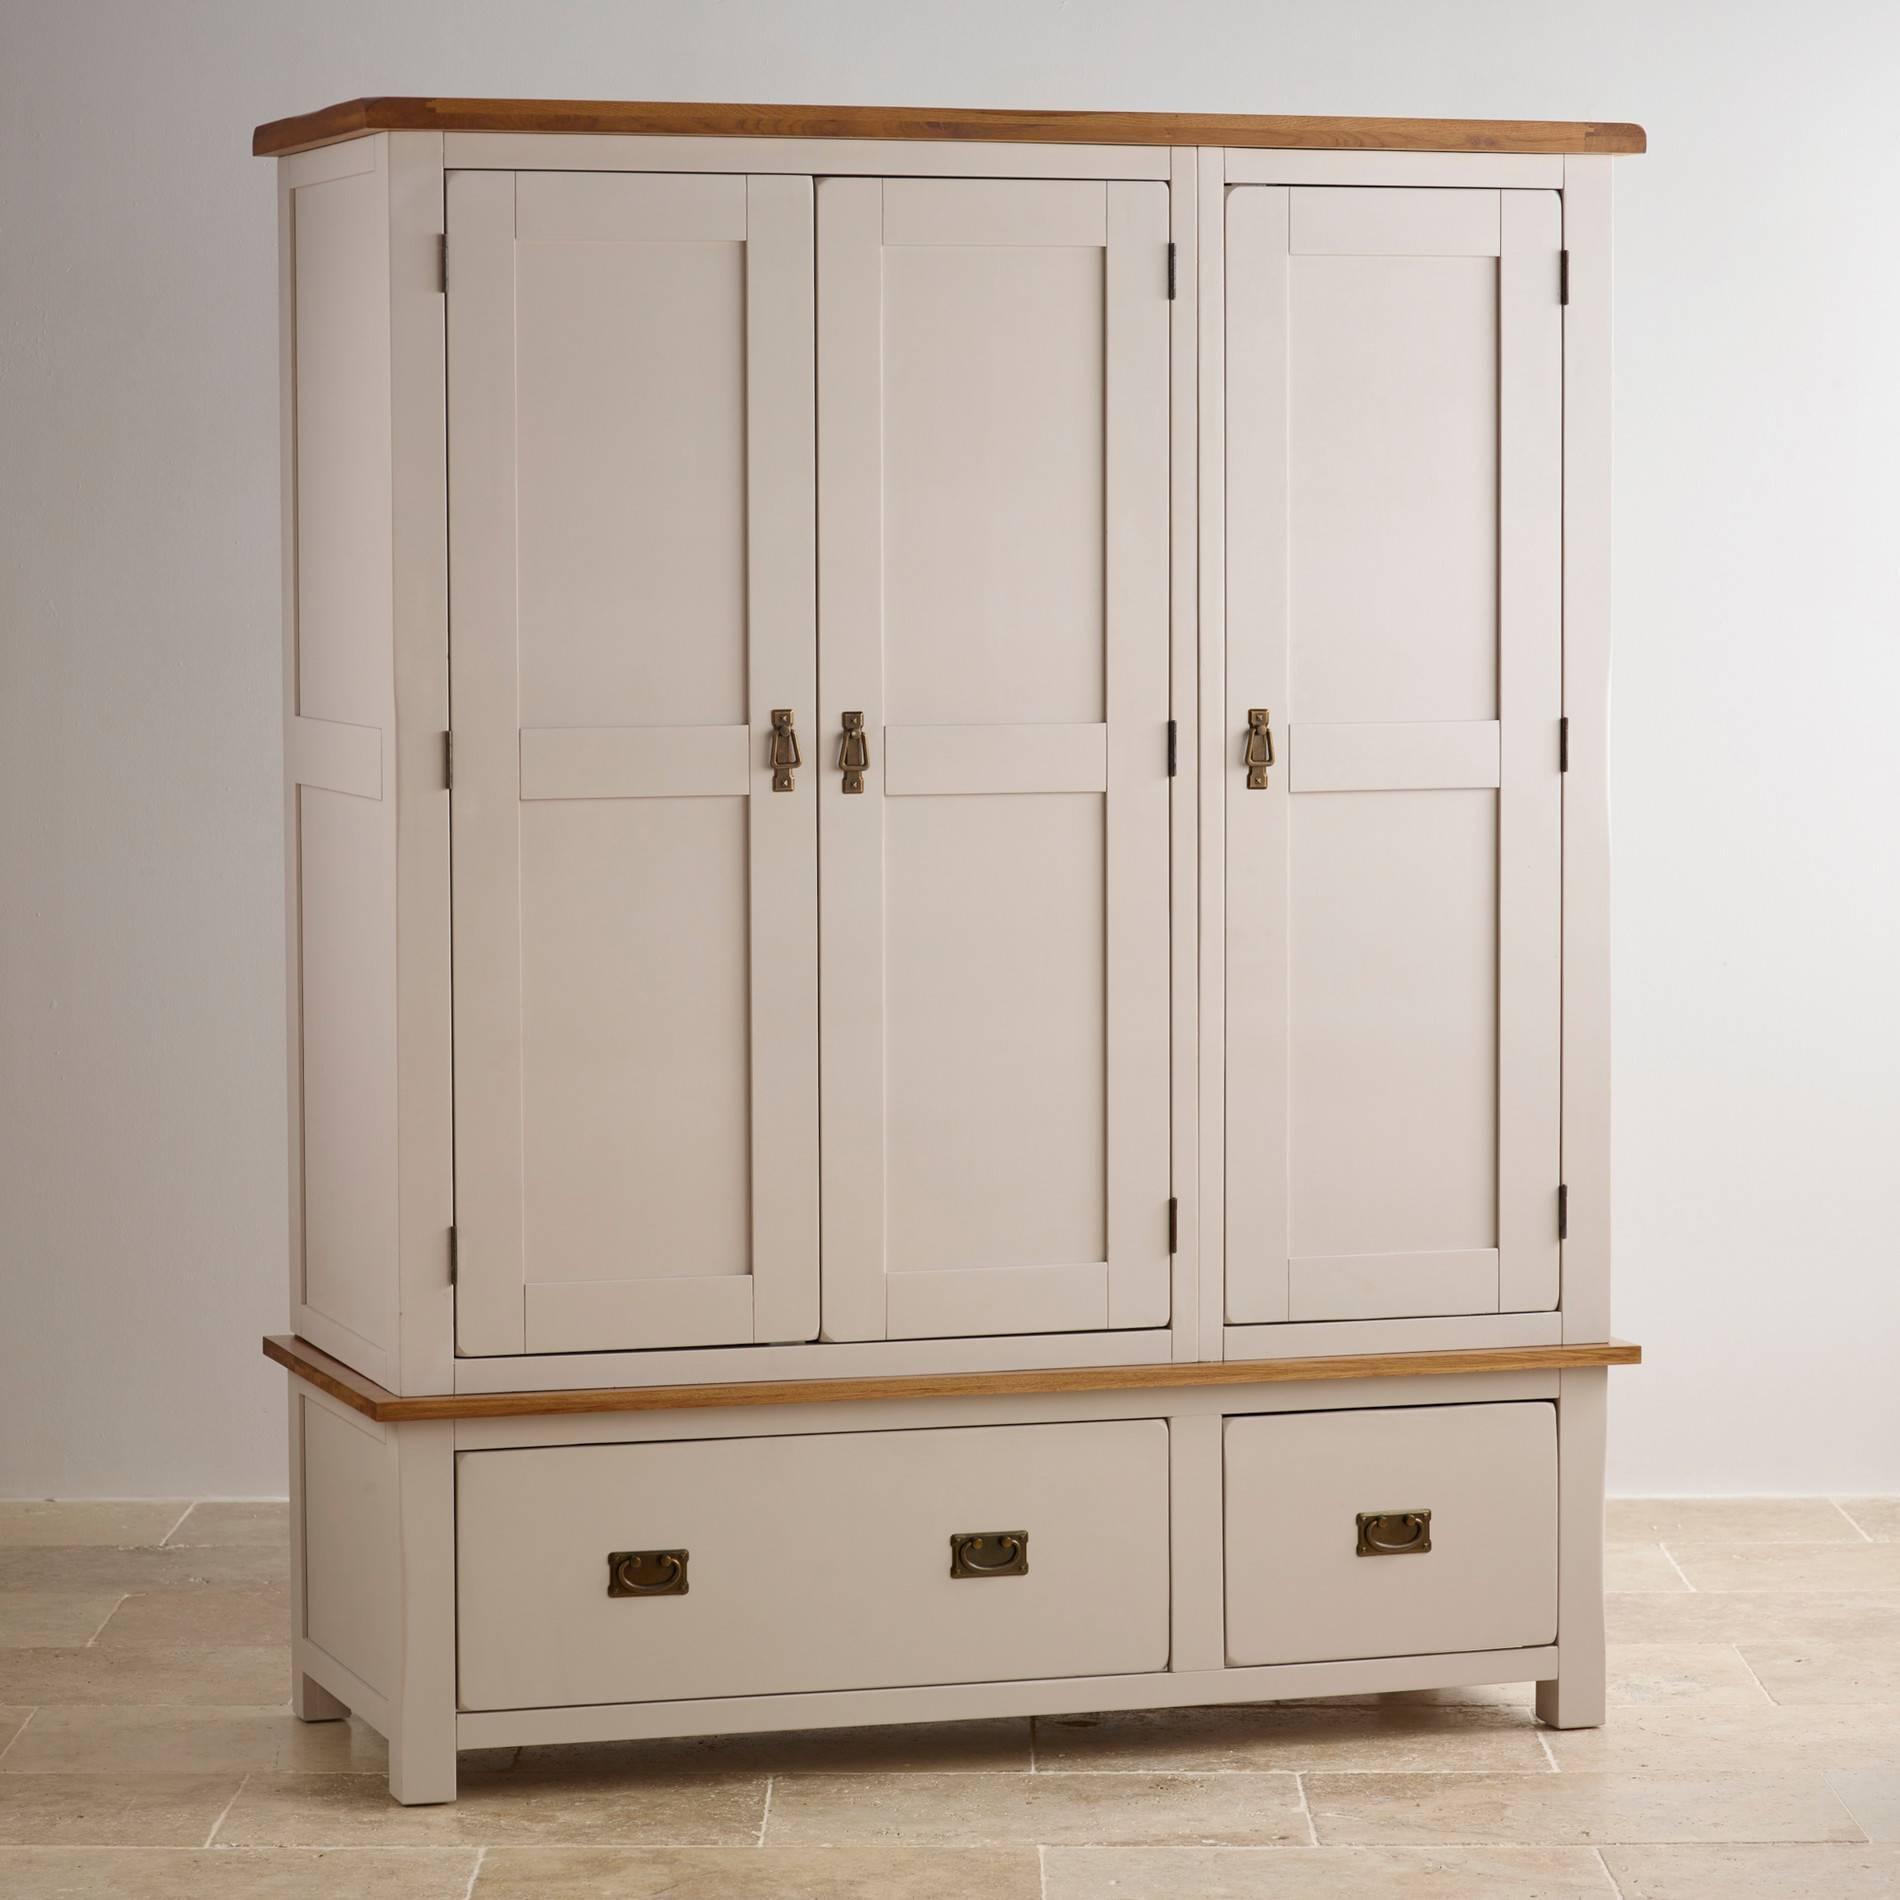 Kemble Triple Wardrobe In Painted Oak | Oak Furniture Land regarding Painted Triple Wardrobes (Image 9 of 15)